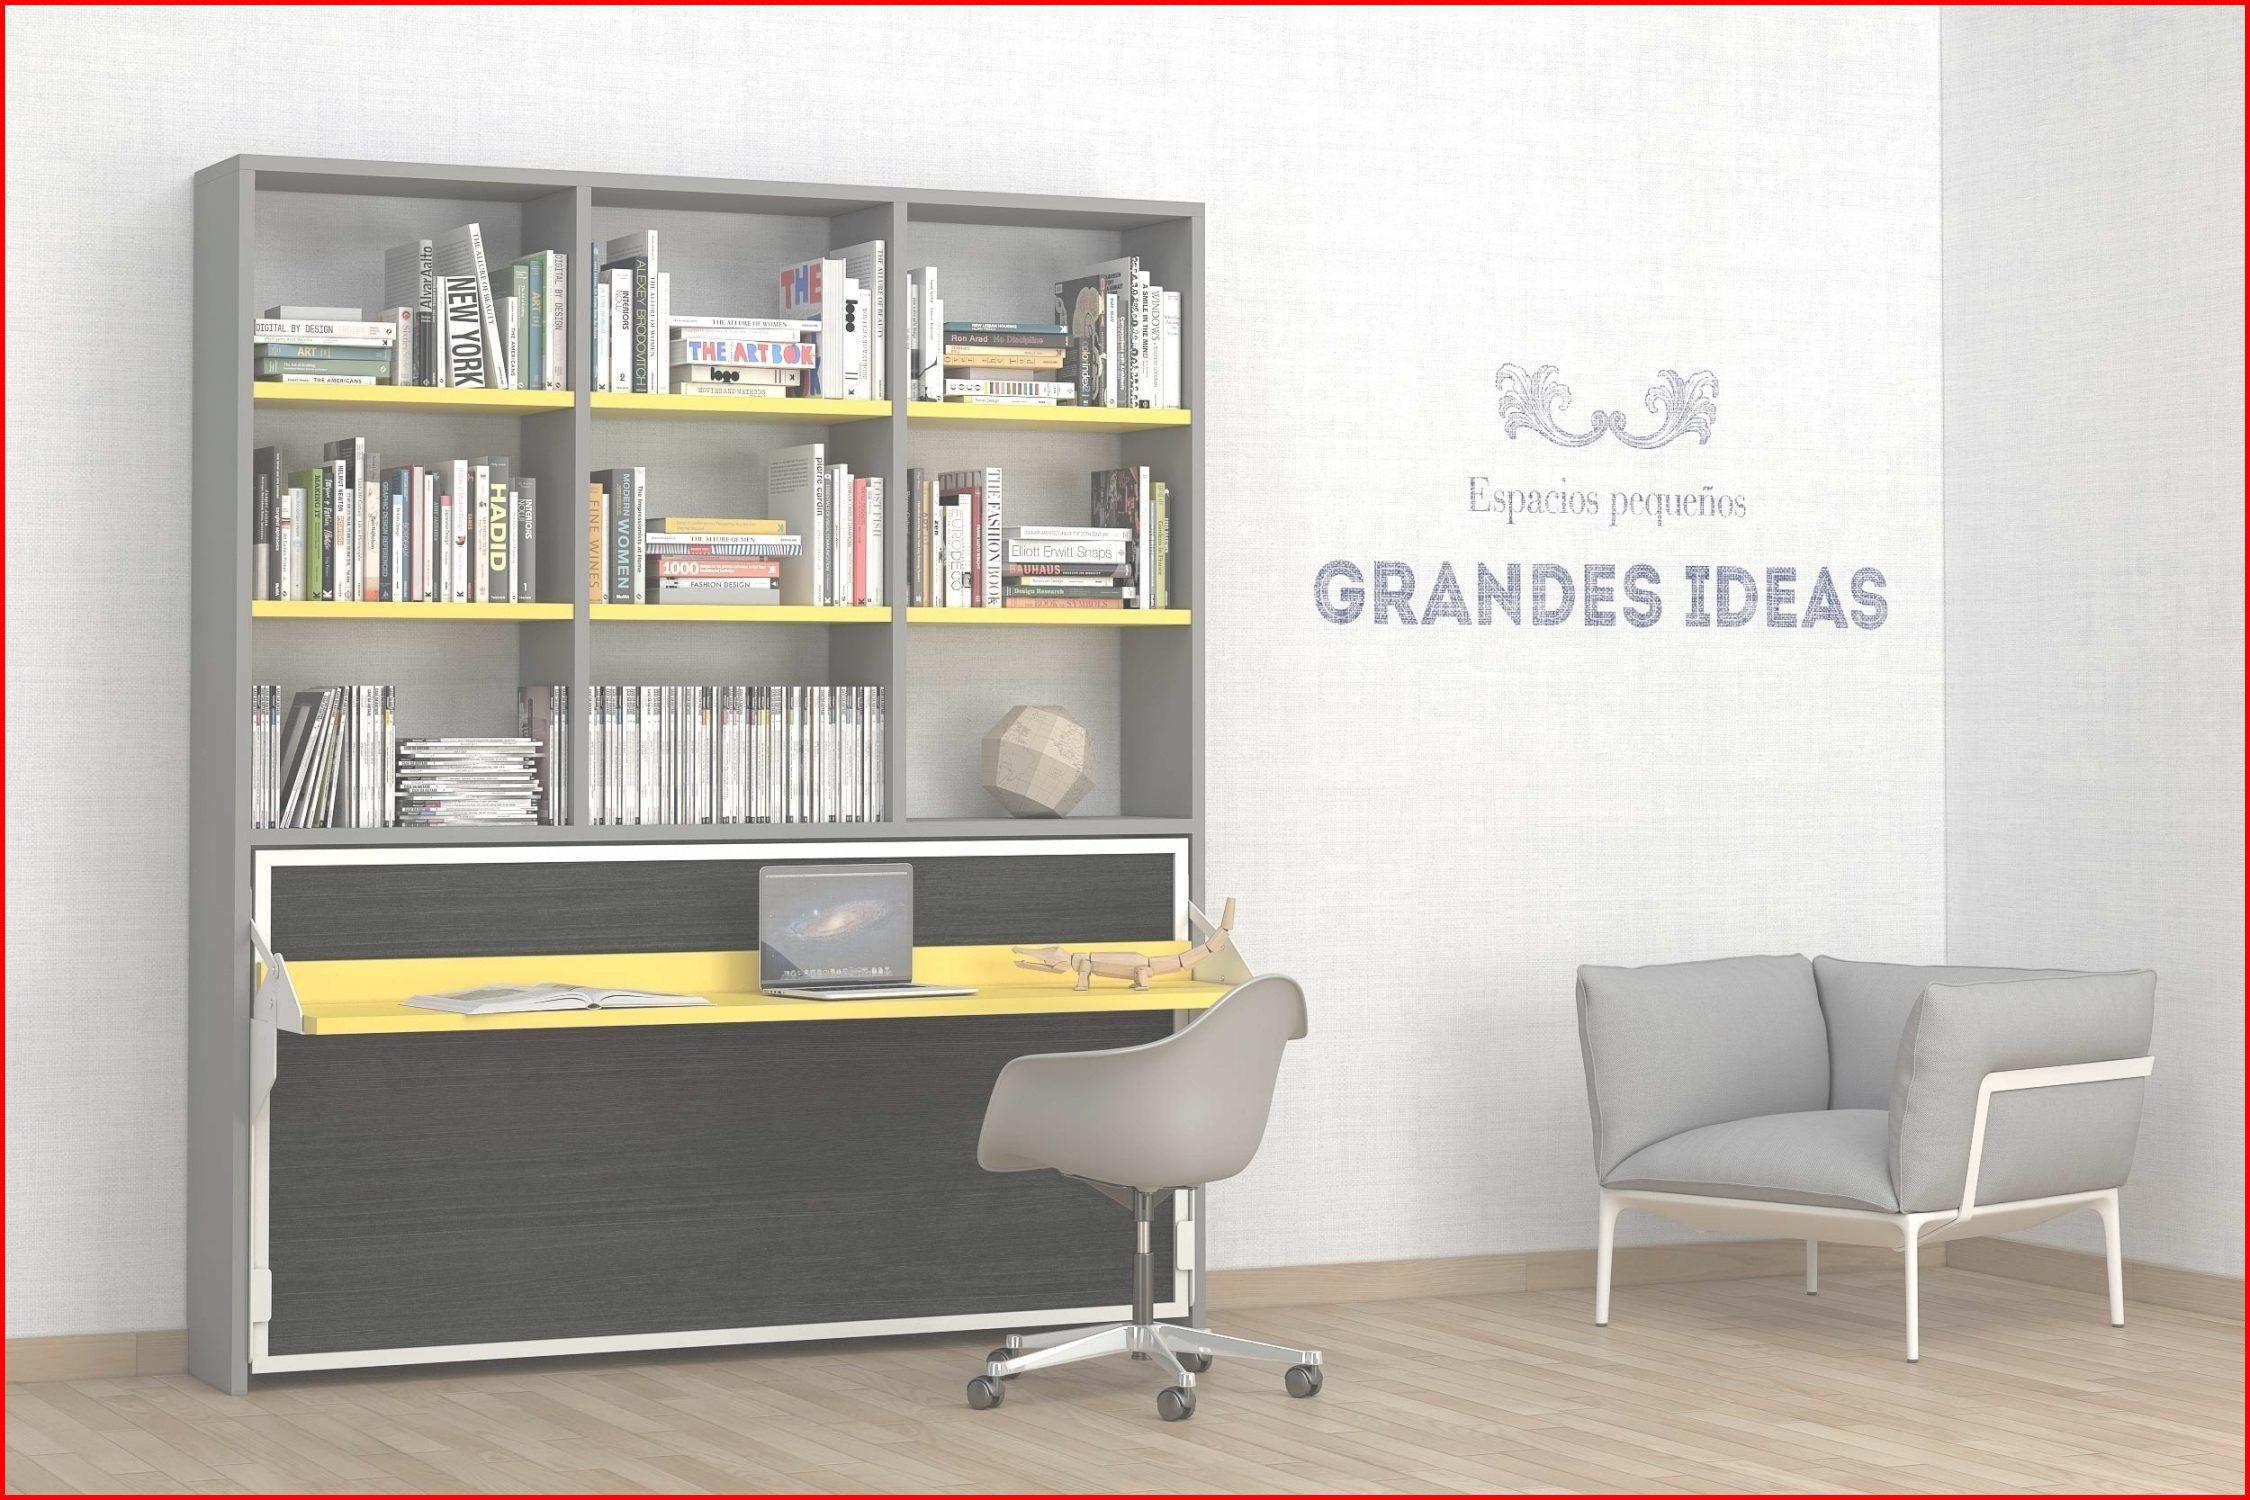 Lit Superposé Rabattable Agréable Adorable Lit Canapé Escamotable Avec Bureau Retractable Bureau